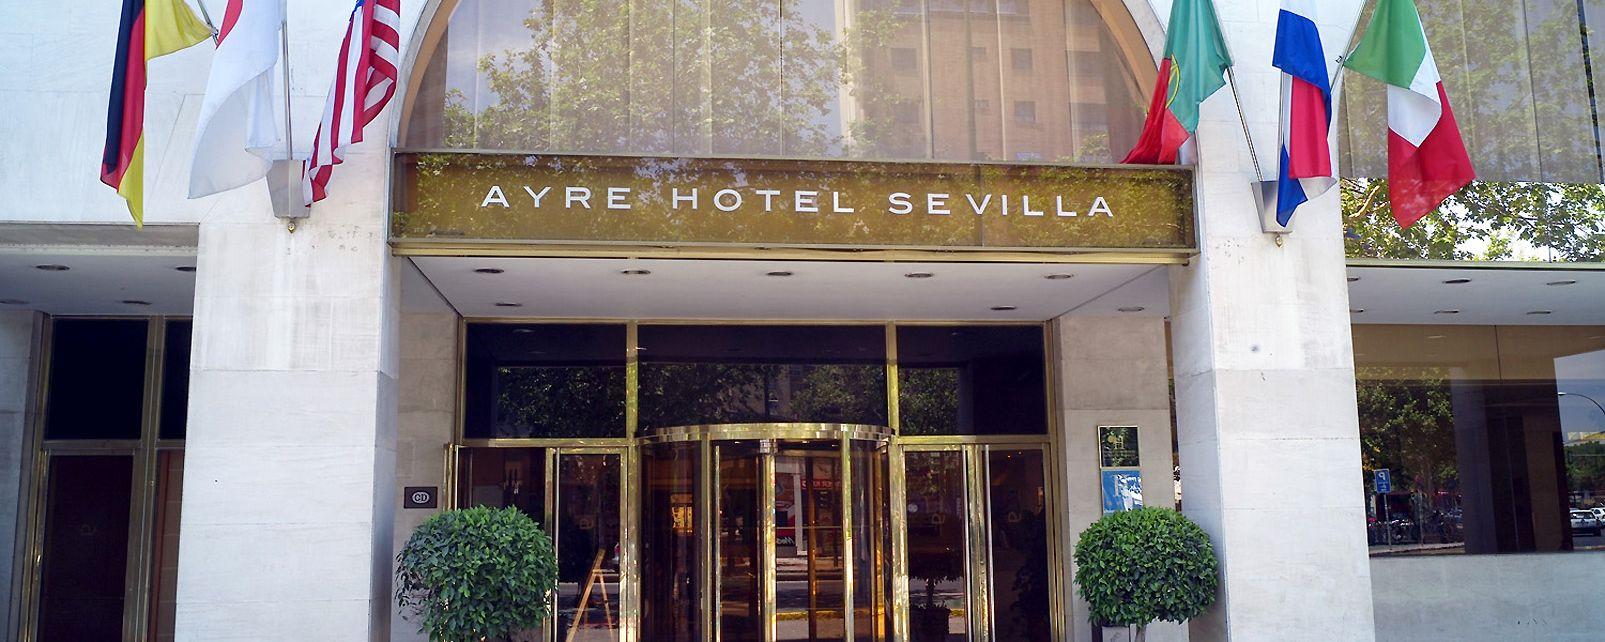 Hotel Ayre Sevillla